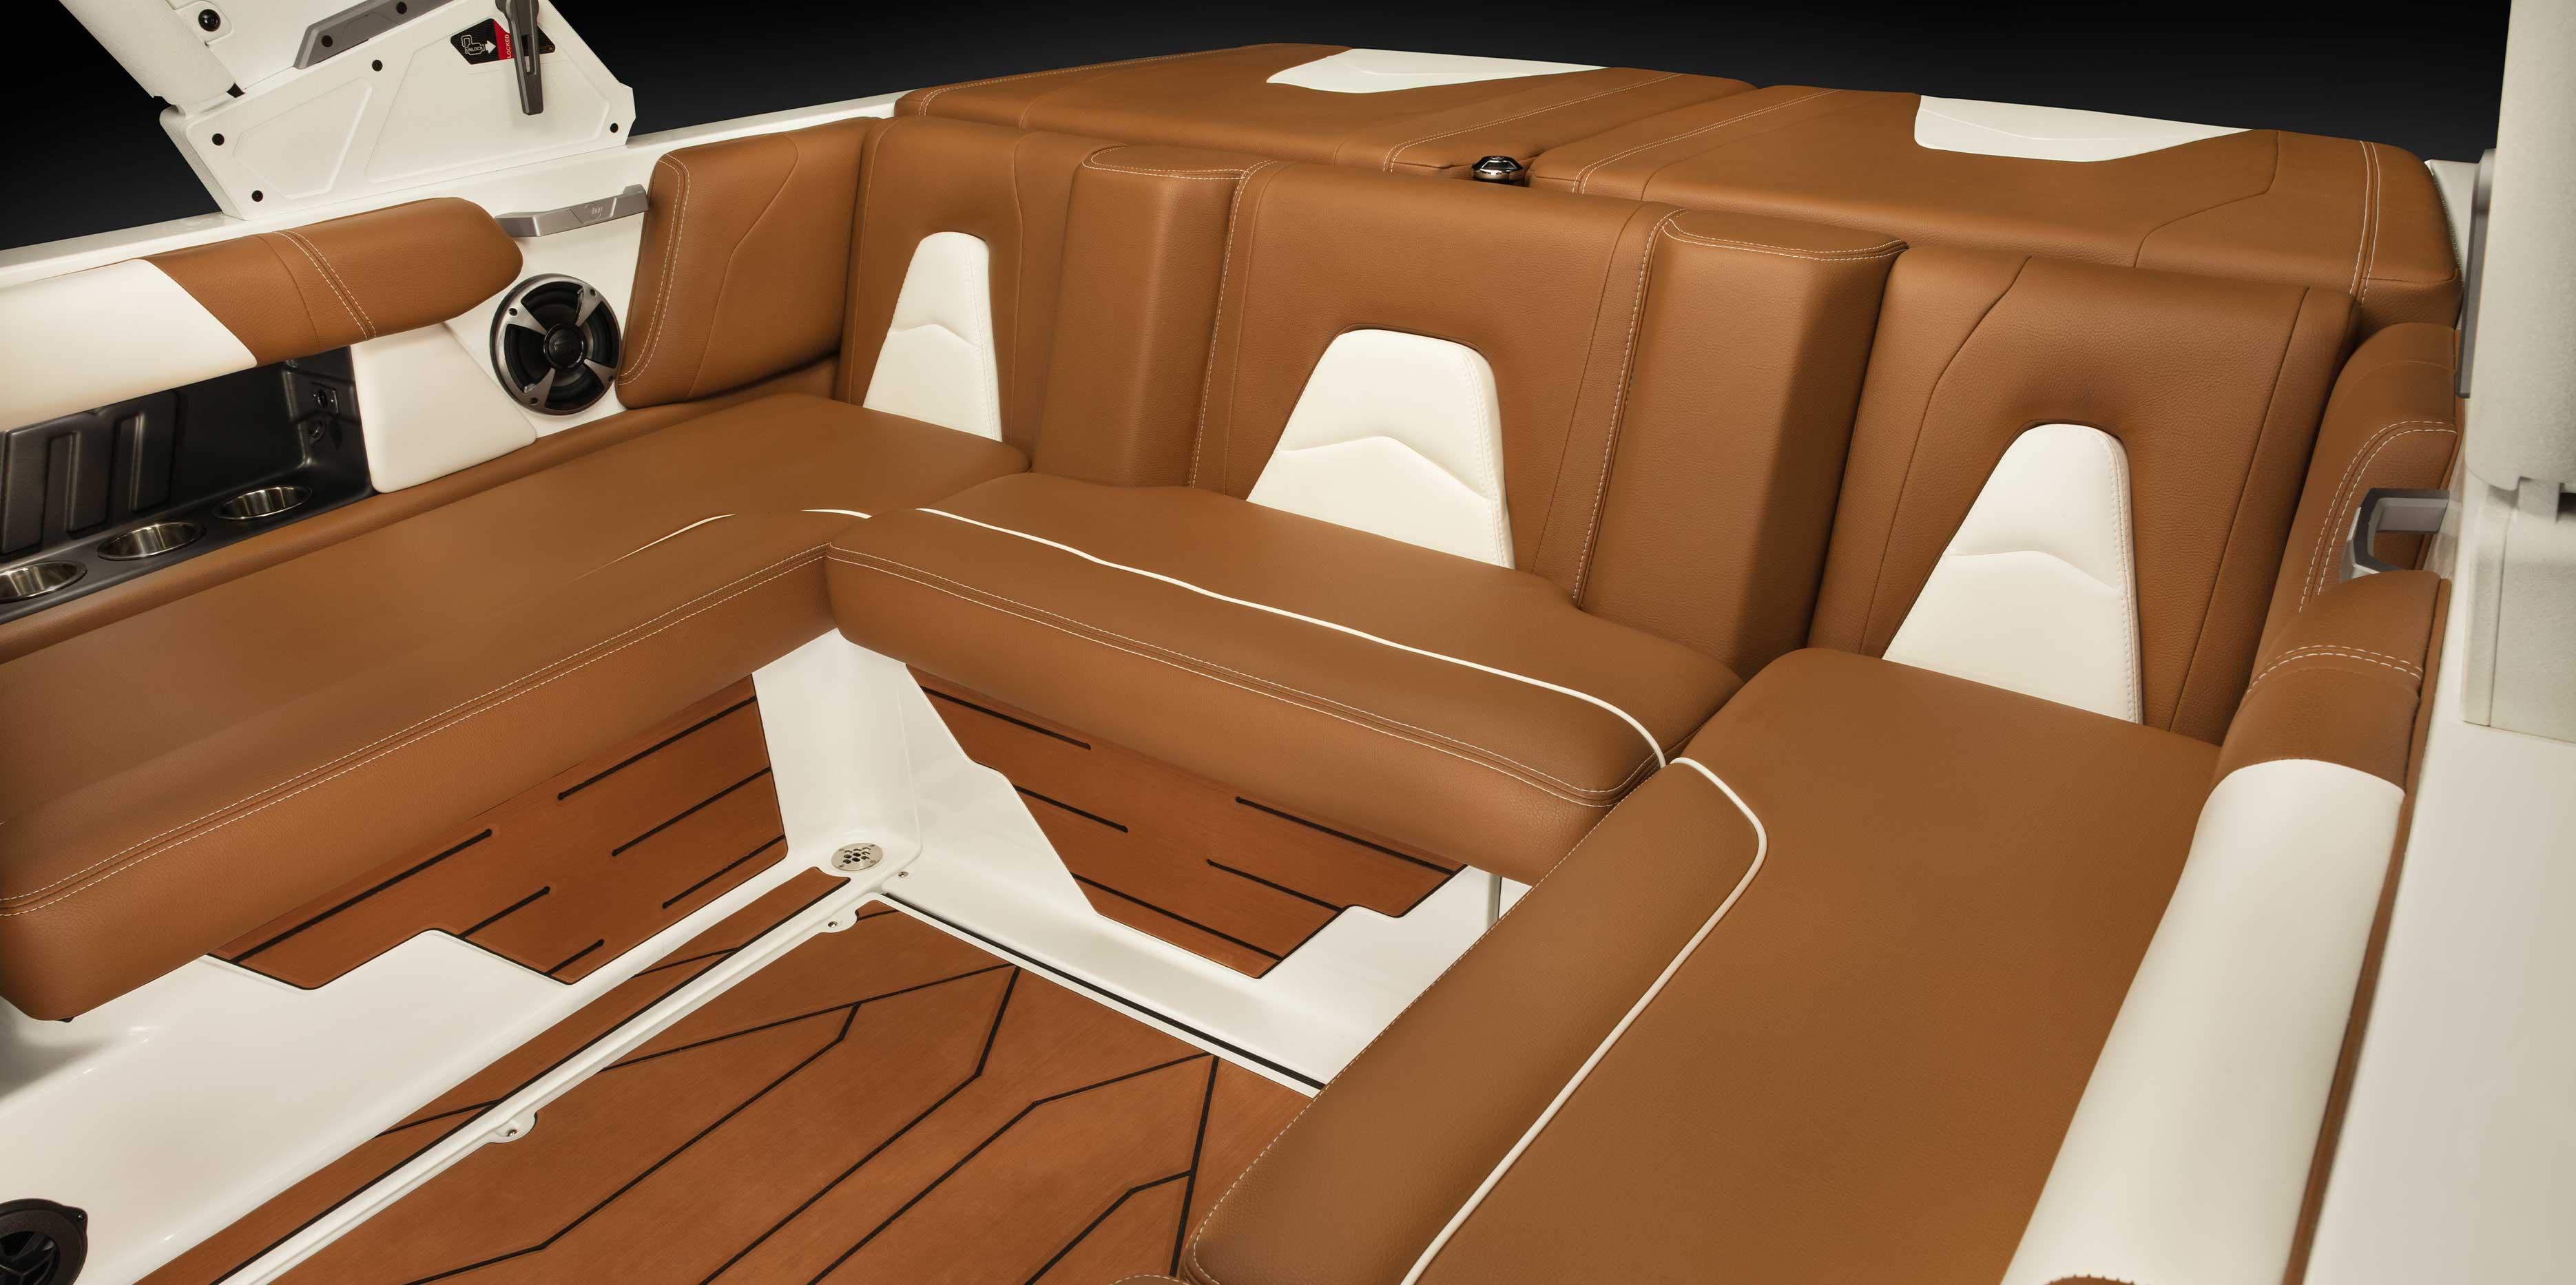 2021 Malibu Boats Wakesetter 21 VLX pylon